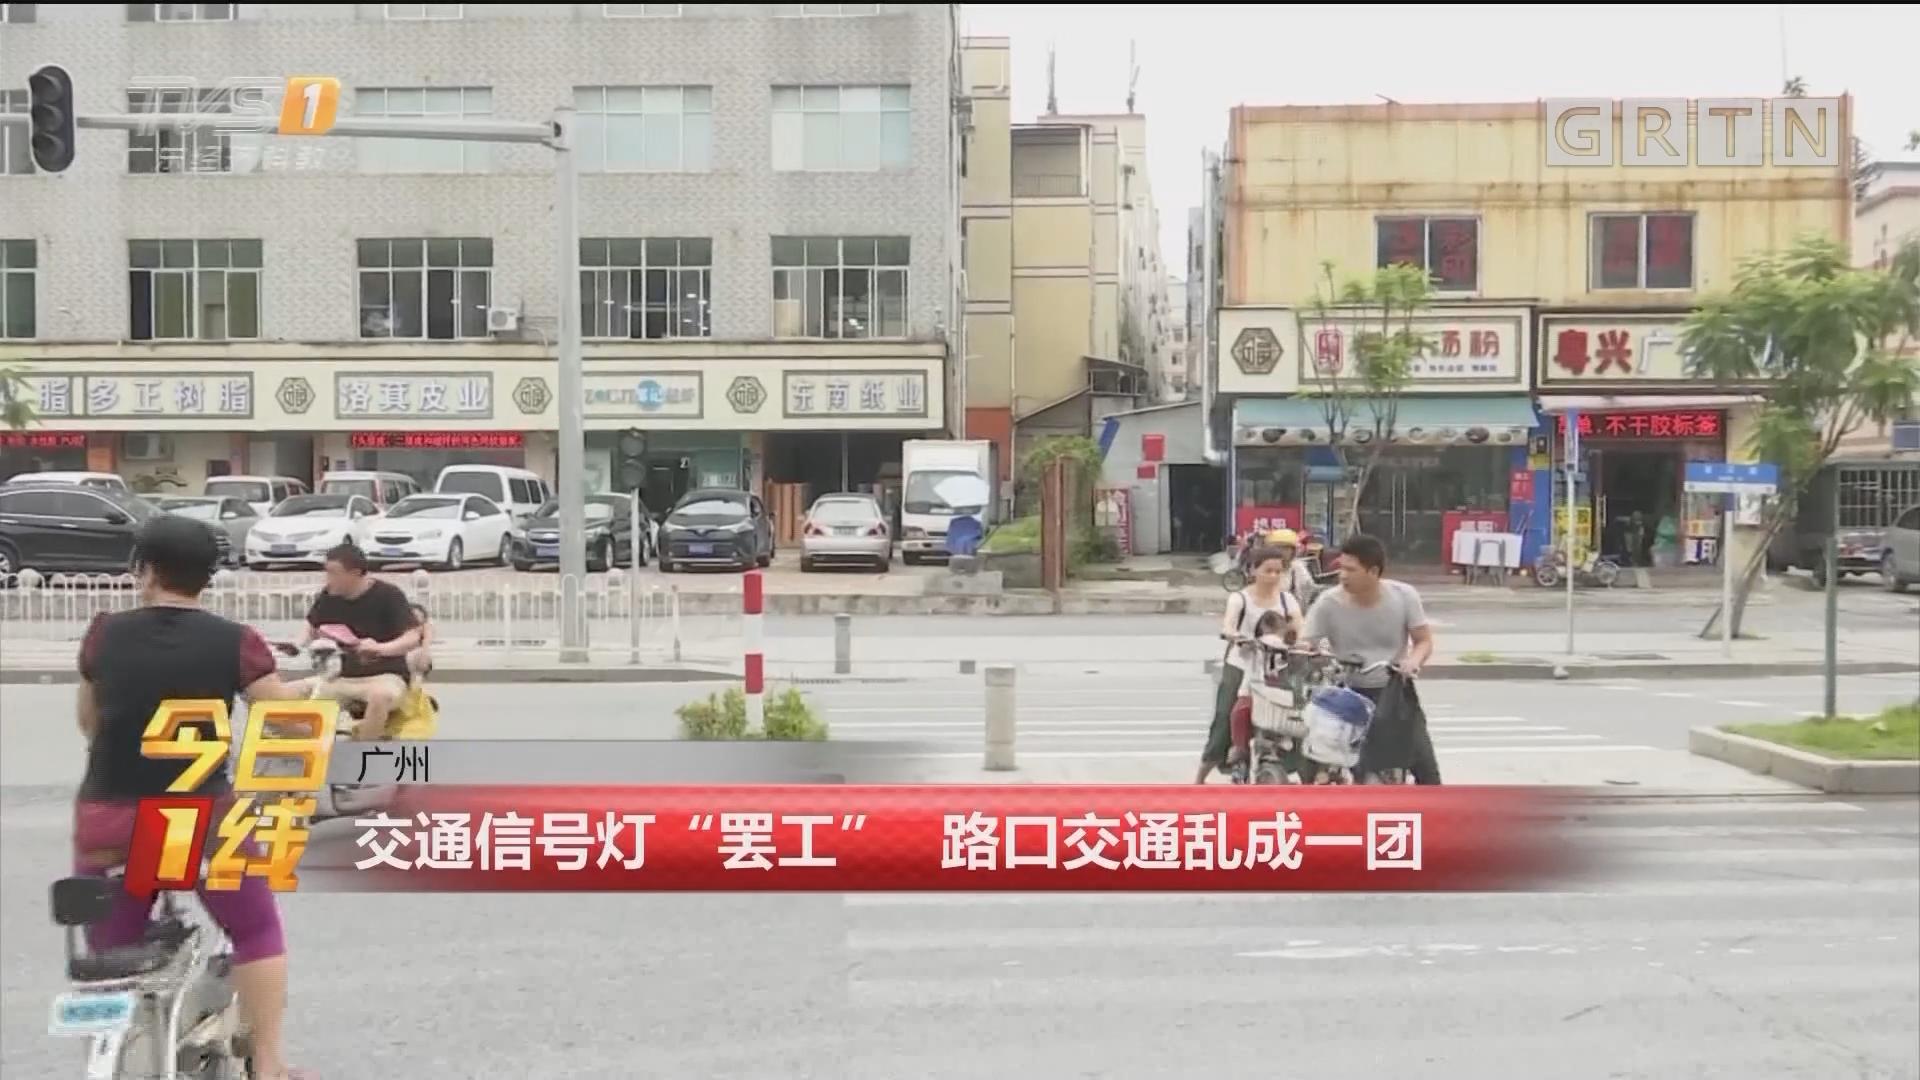 """广州:交通信号灯""""罢工"""" 路口交通乱成一团"""